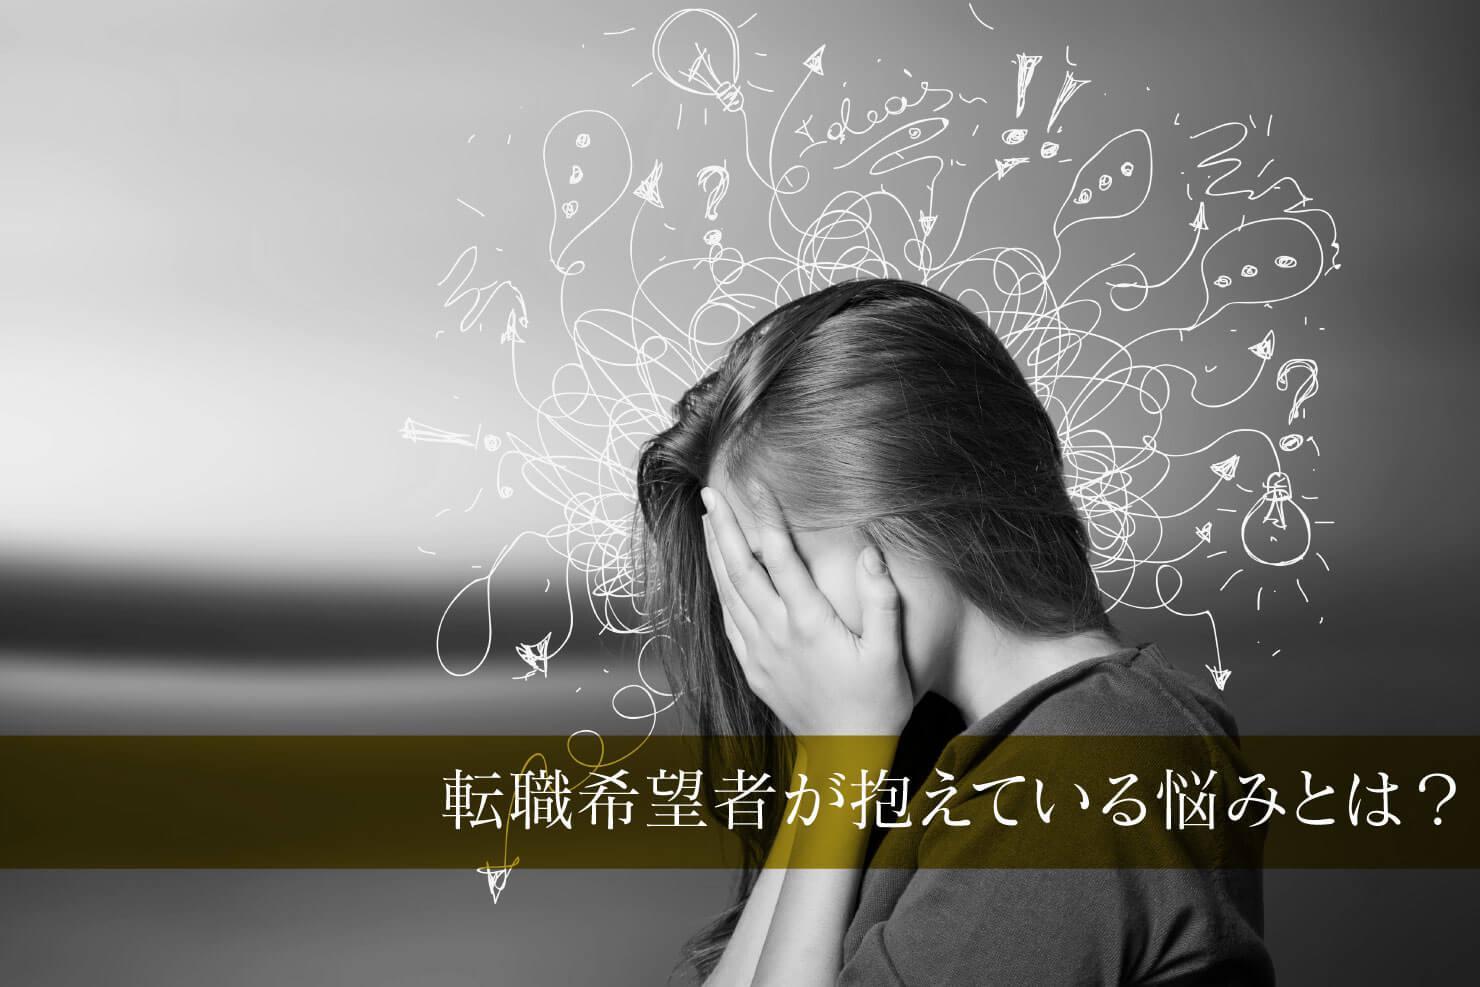 転職希望者の心理を学んで、退職者を減らすには?